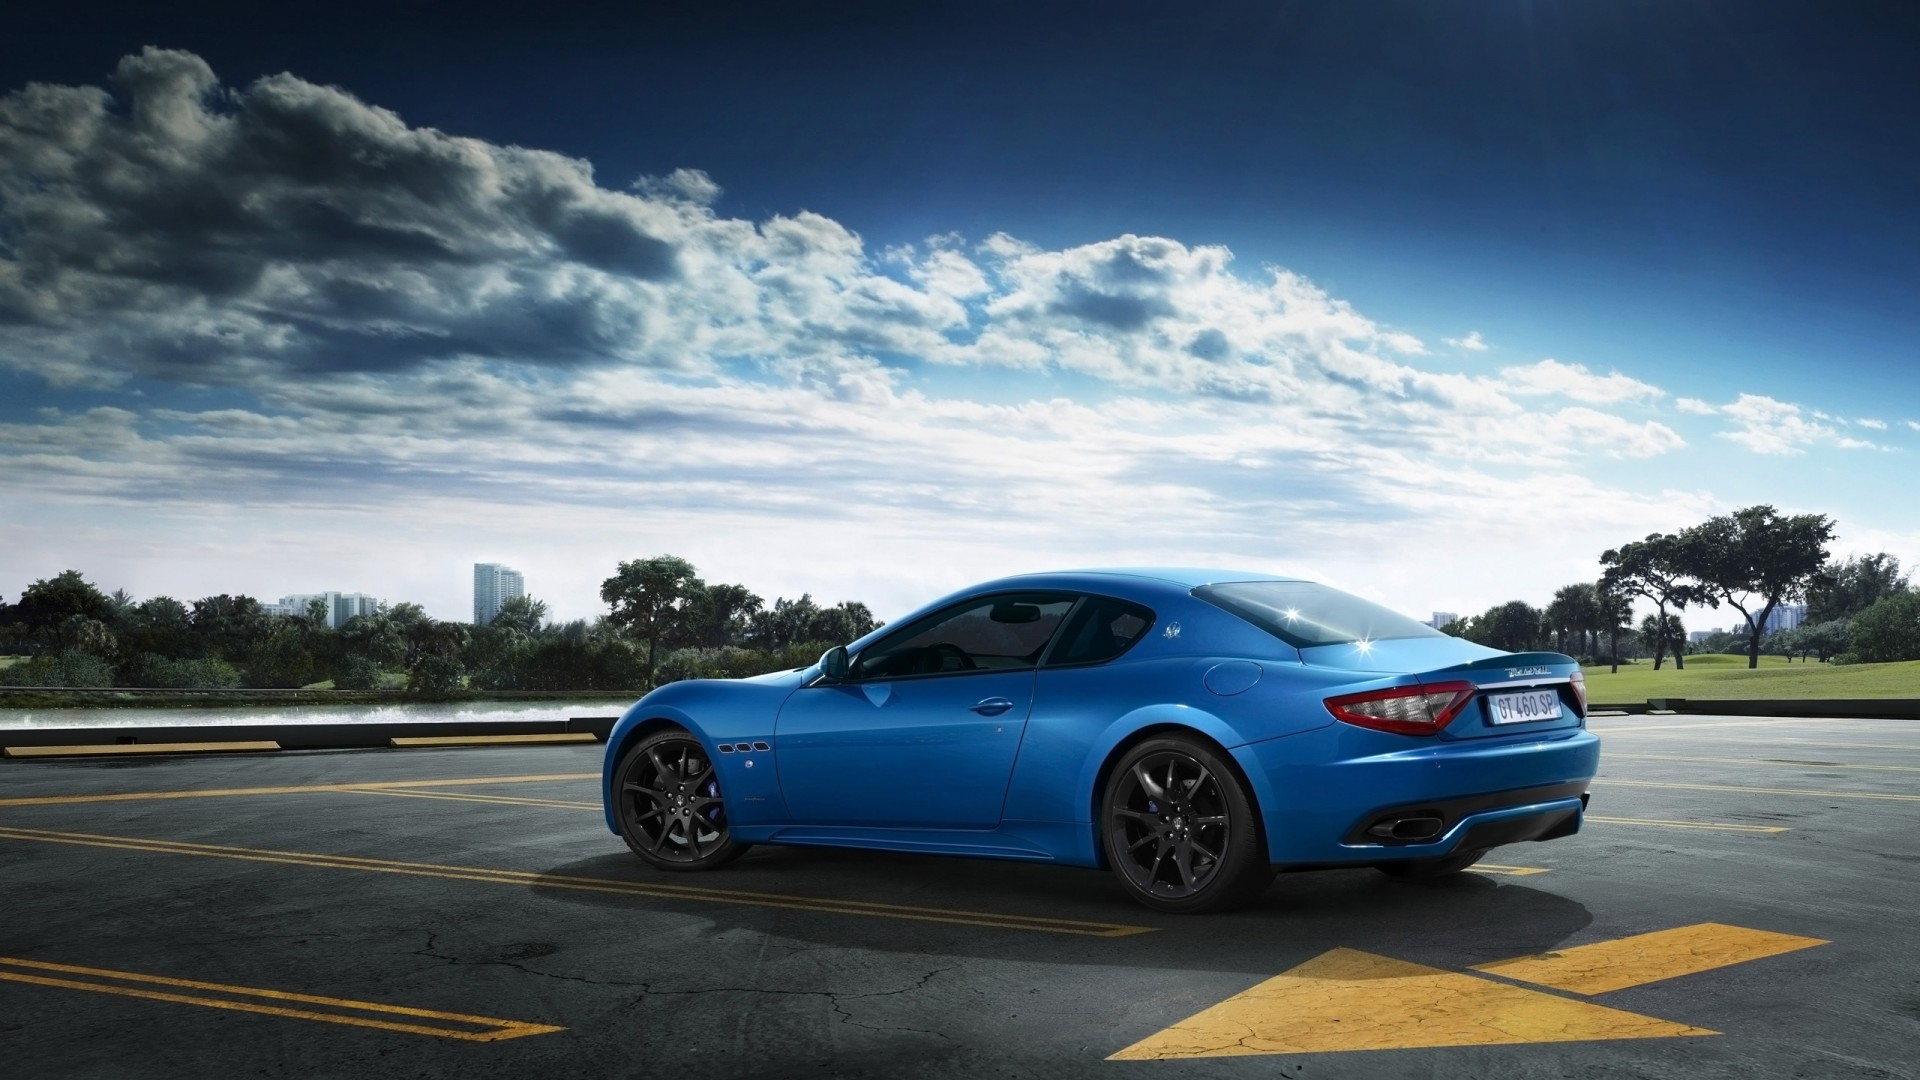 Audi Sports Car >> 2014 Maserati GranTurismo Sport Blue Wallpaper | HD Car Wallpapers | ID #4195